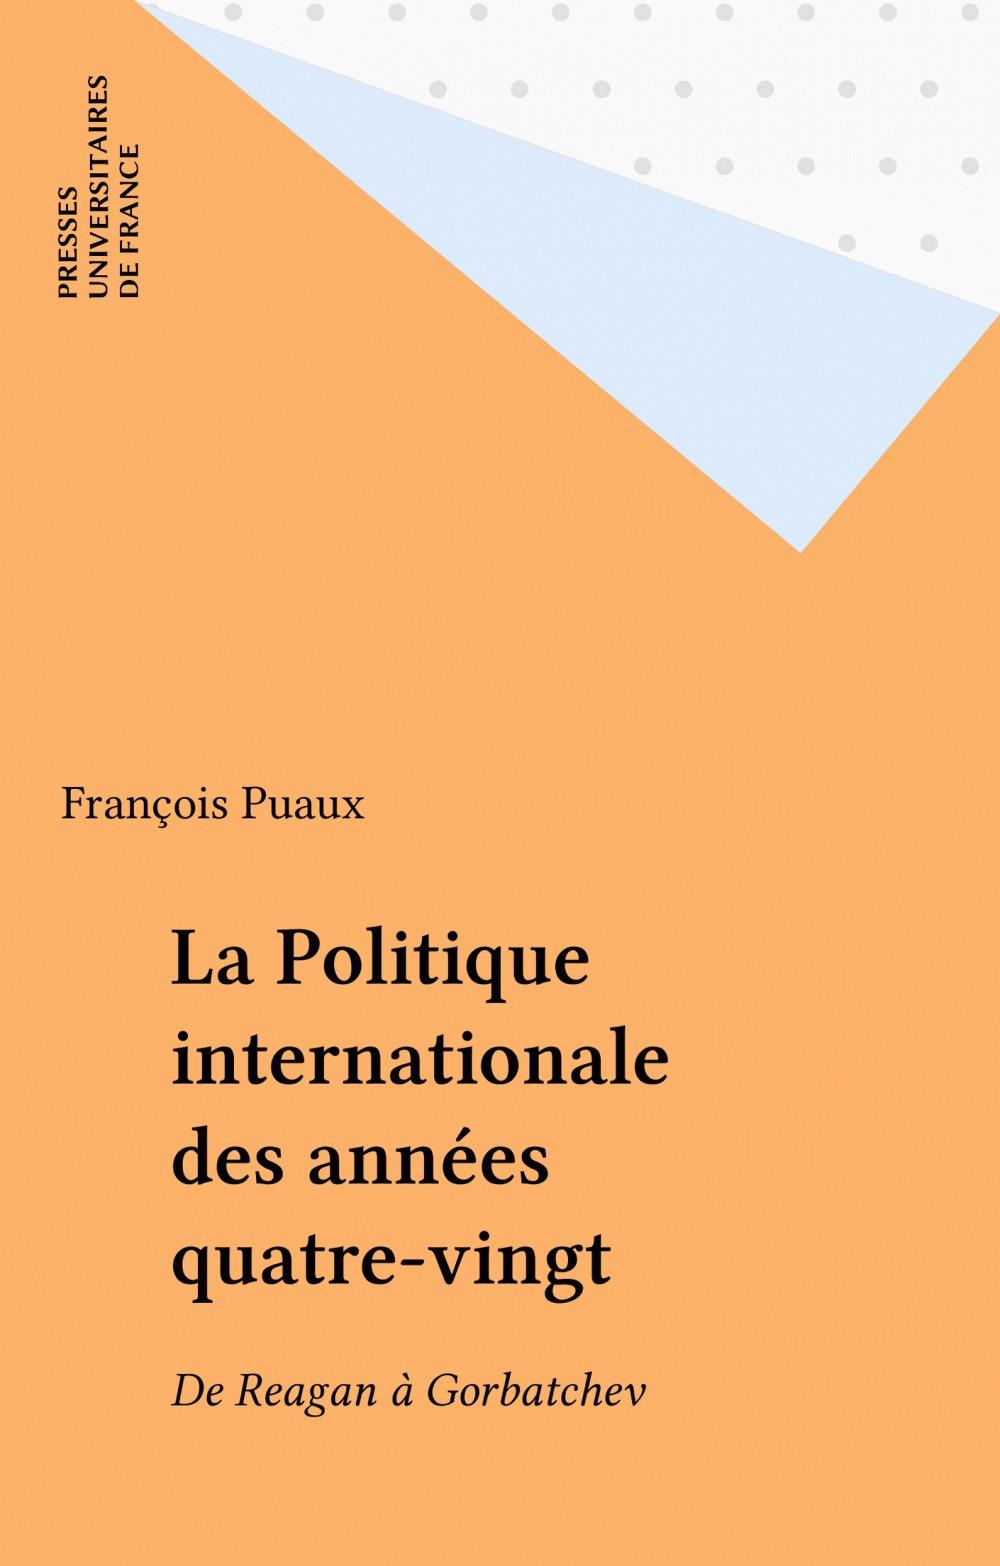 La Politique internationale des années quatre-vingt  - François Puaux